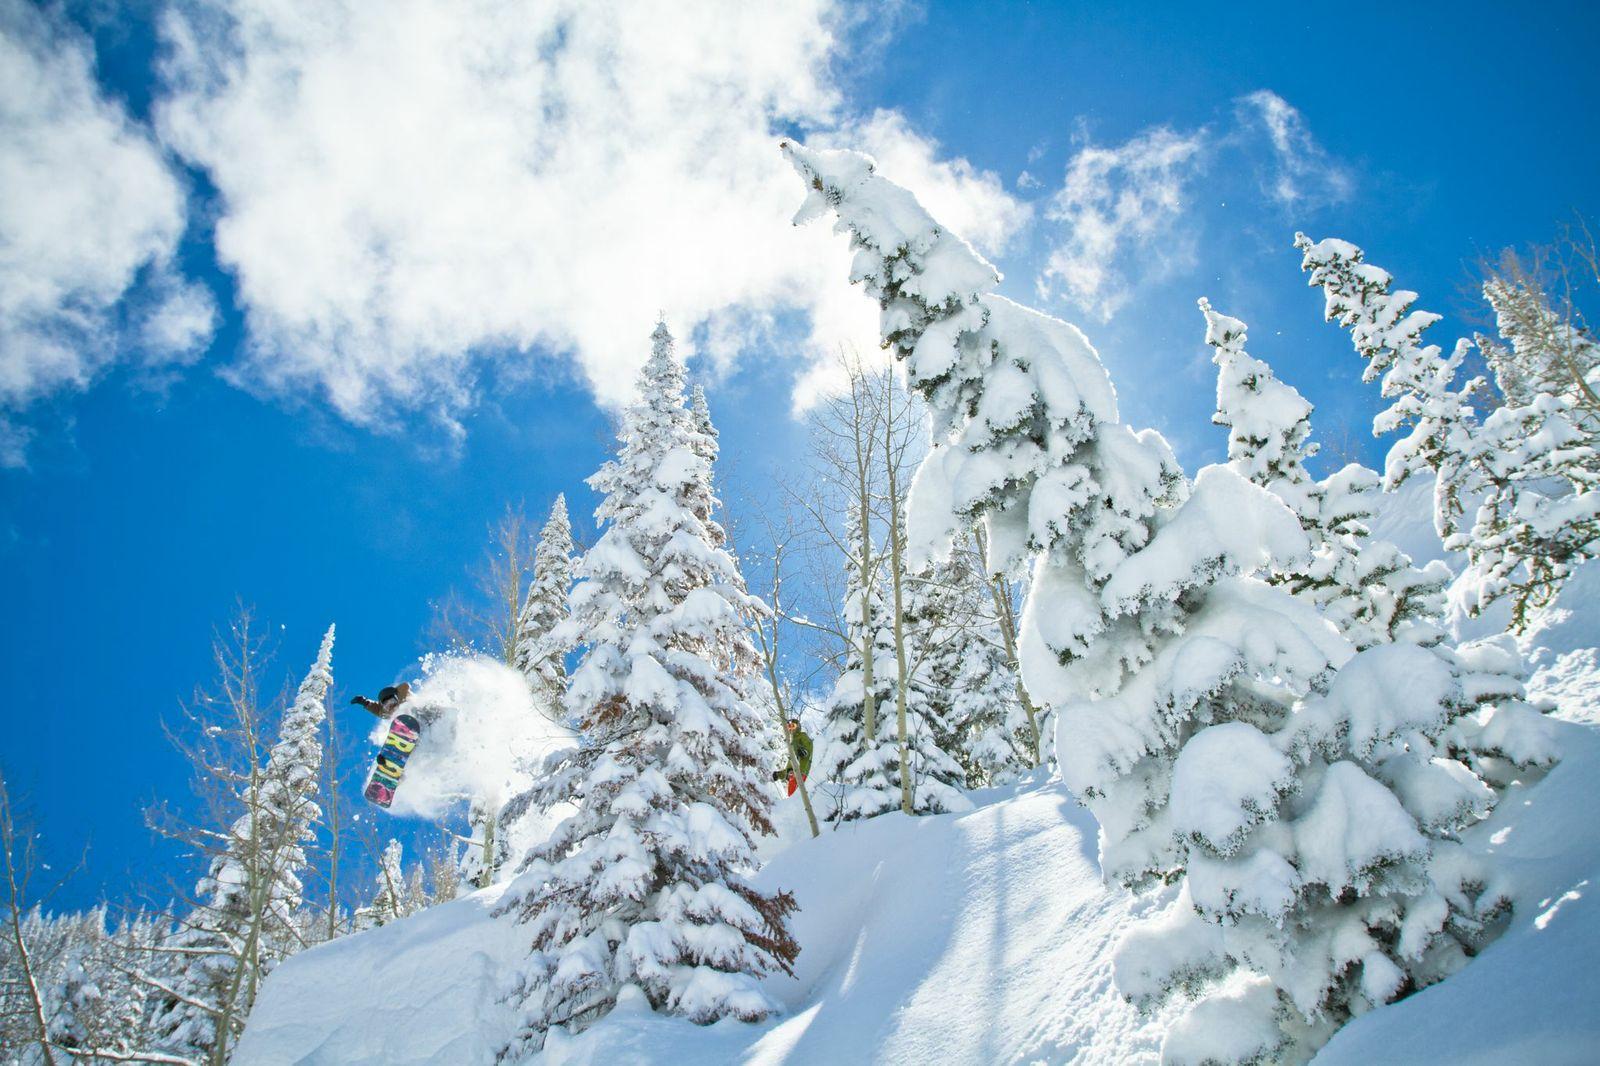 Chad Fleischer Snowboard Air